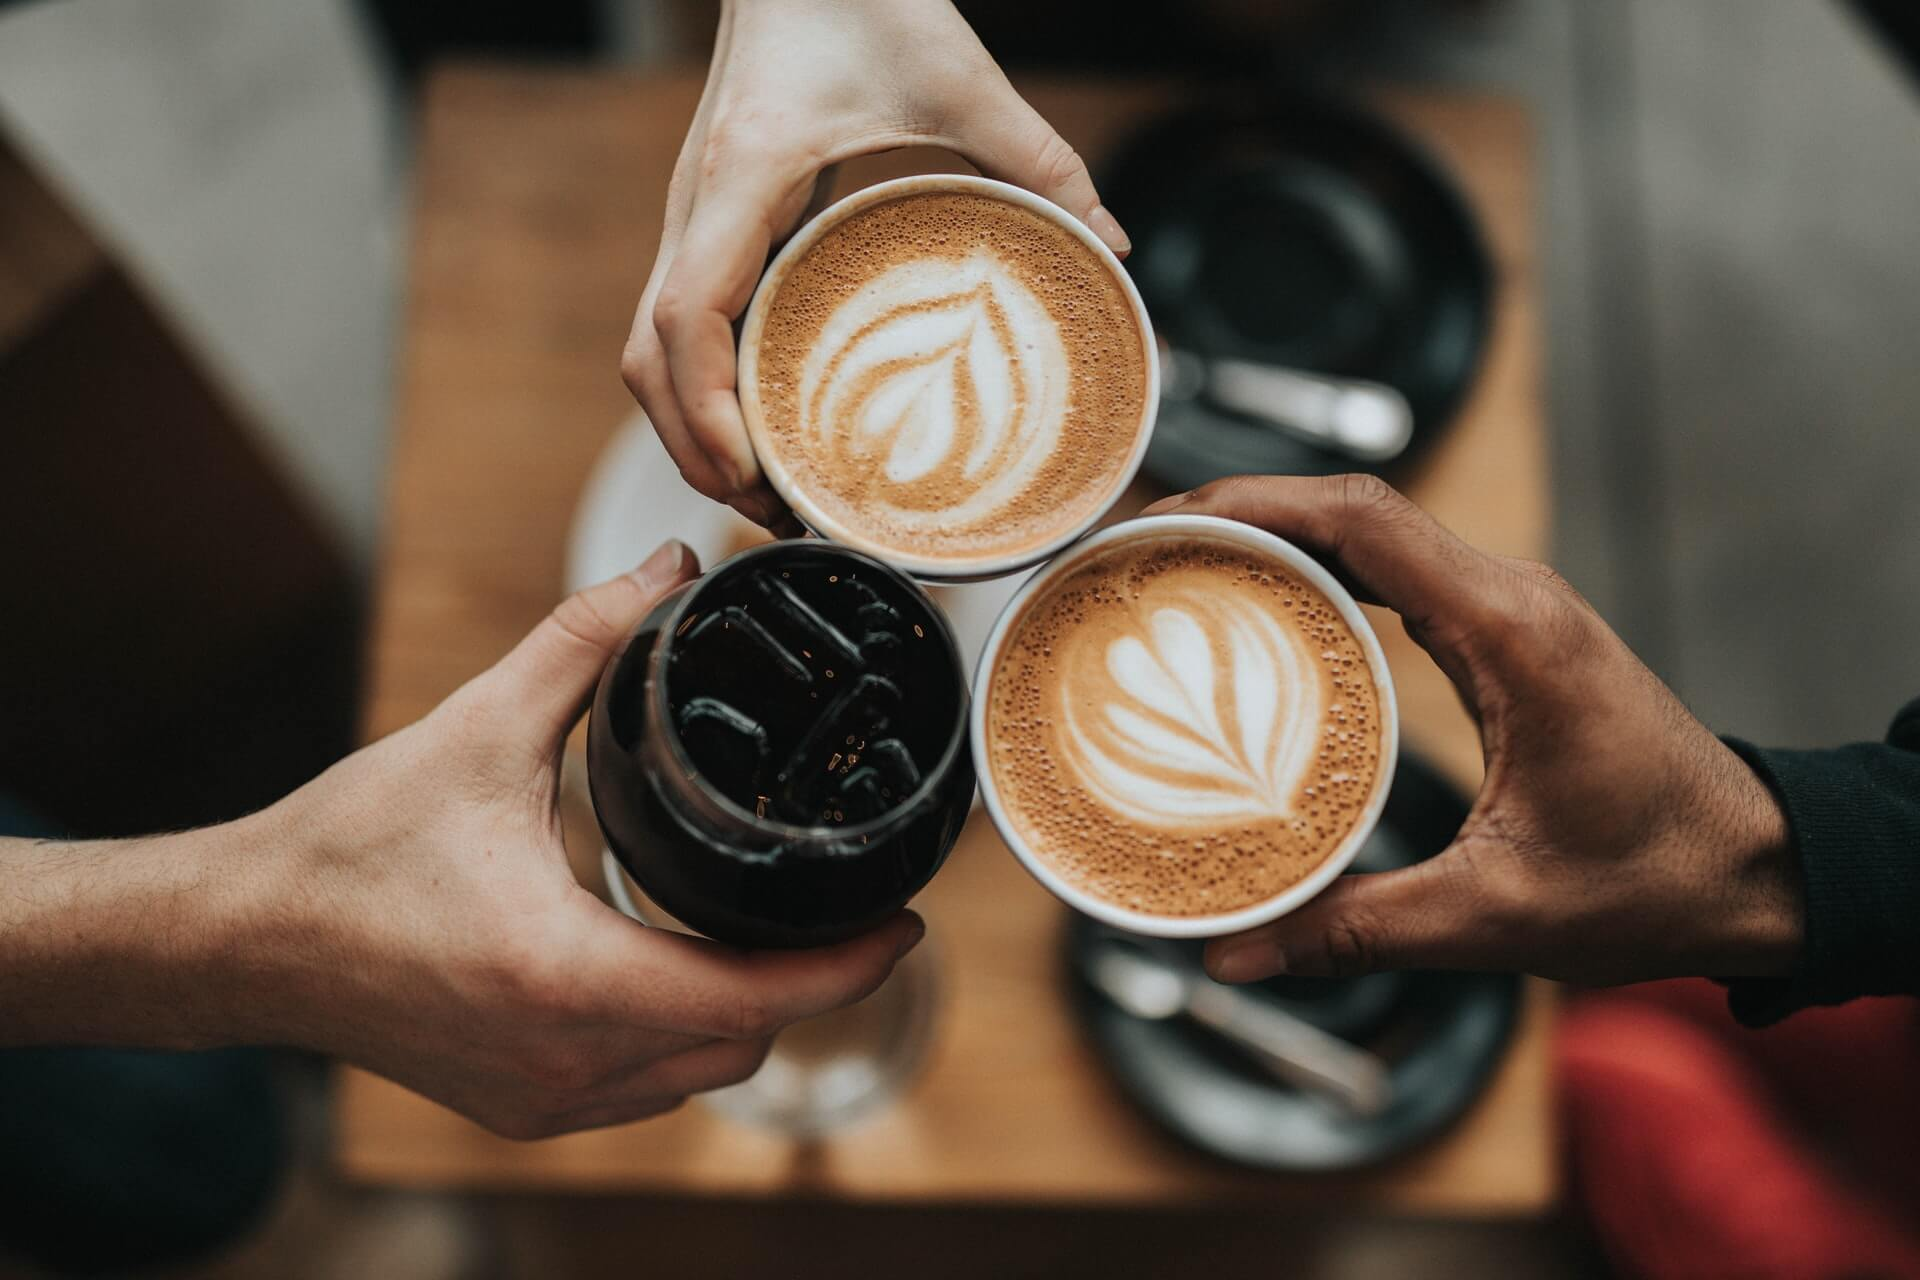 より実践的に学べる英会話カフェがオススメ